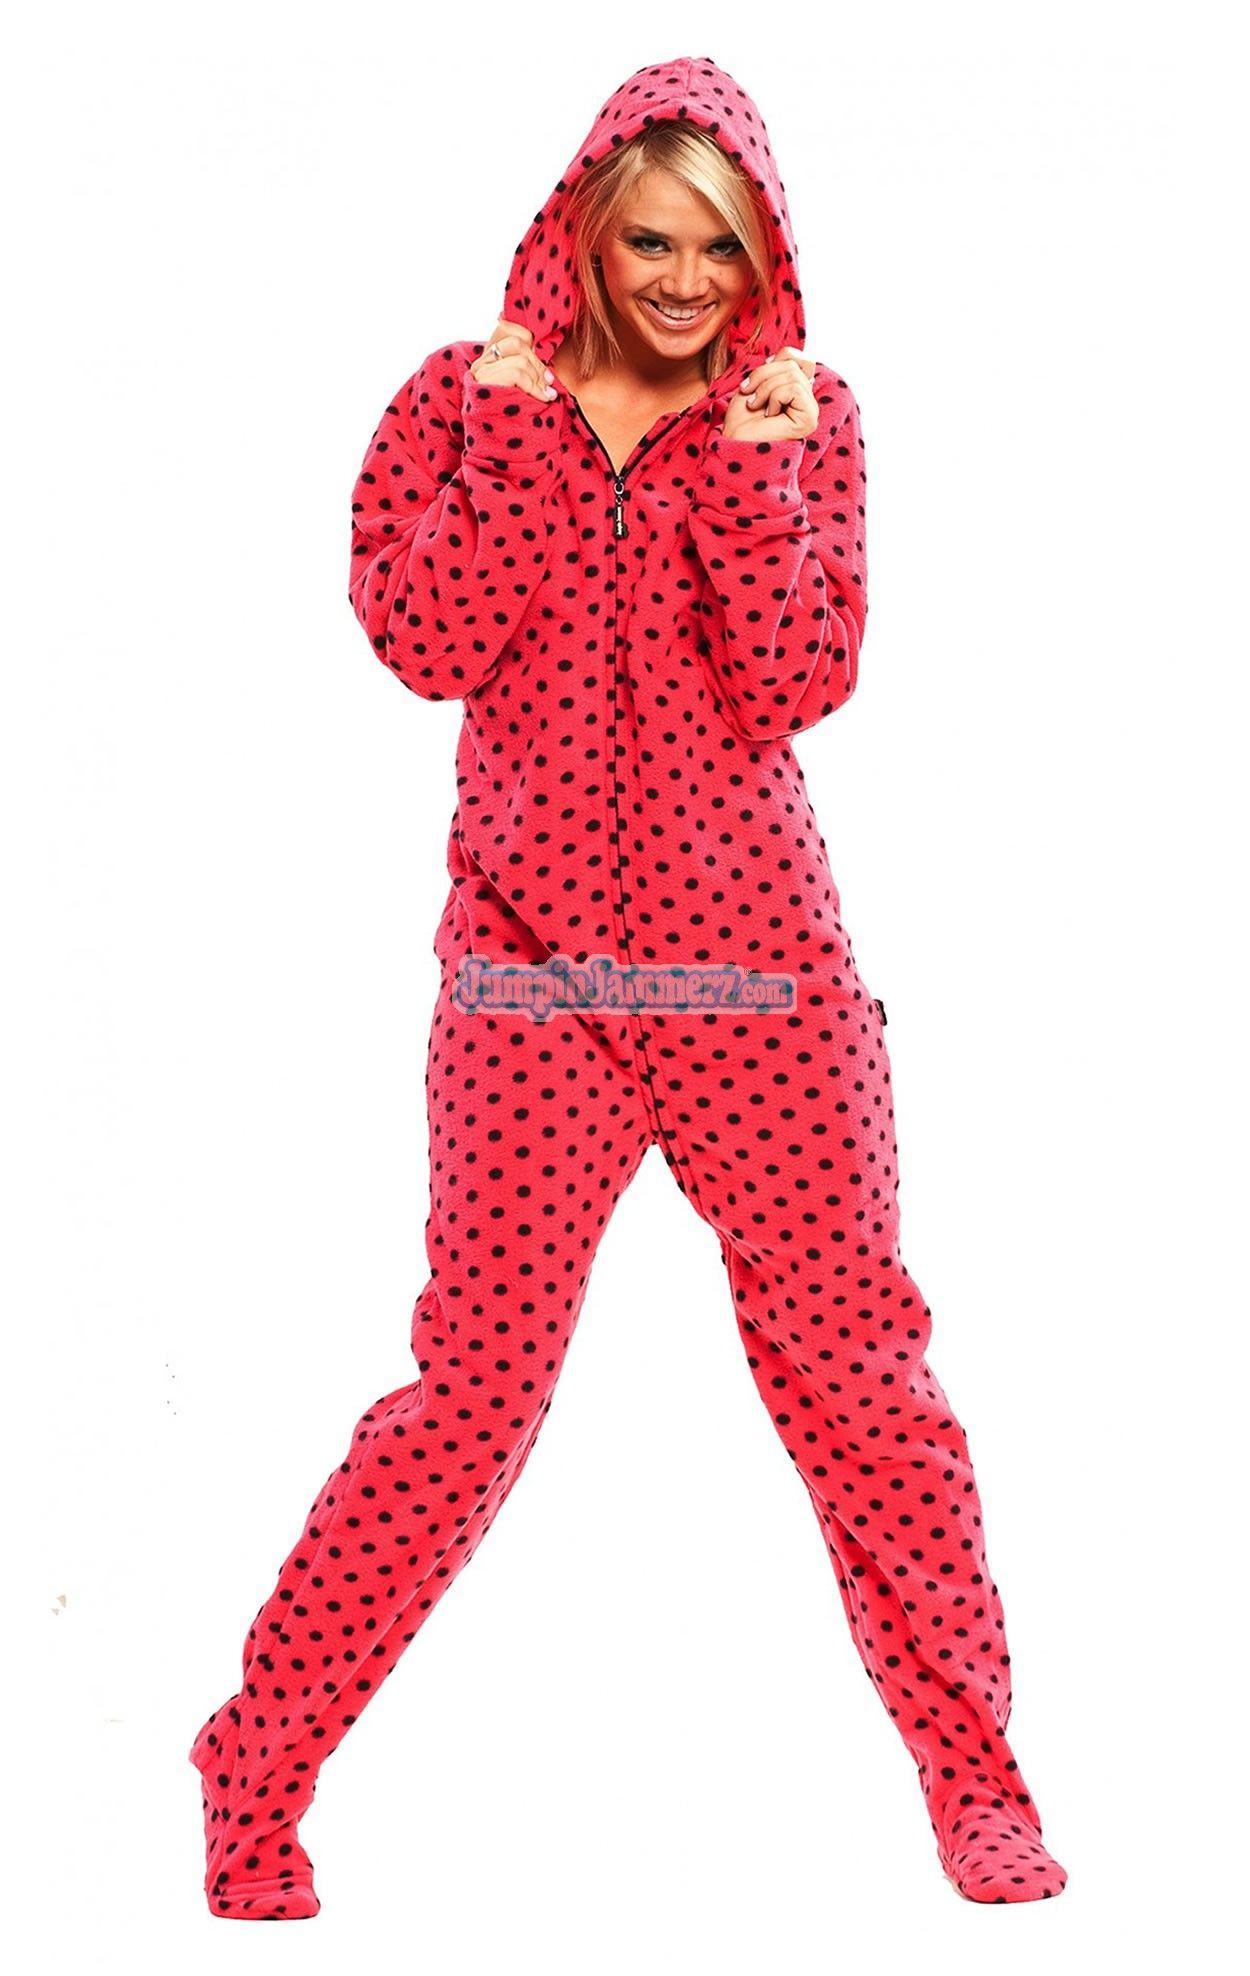 Adult Jumpsuits Footed Pajamas & Onesies   SKARRO - Be Fun